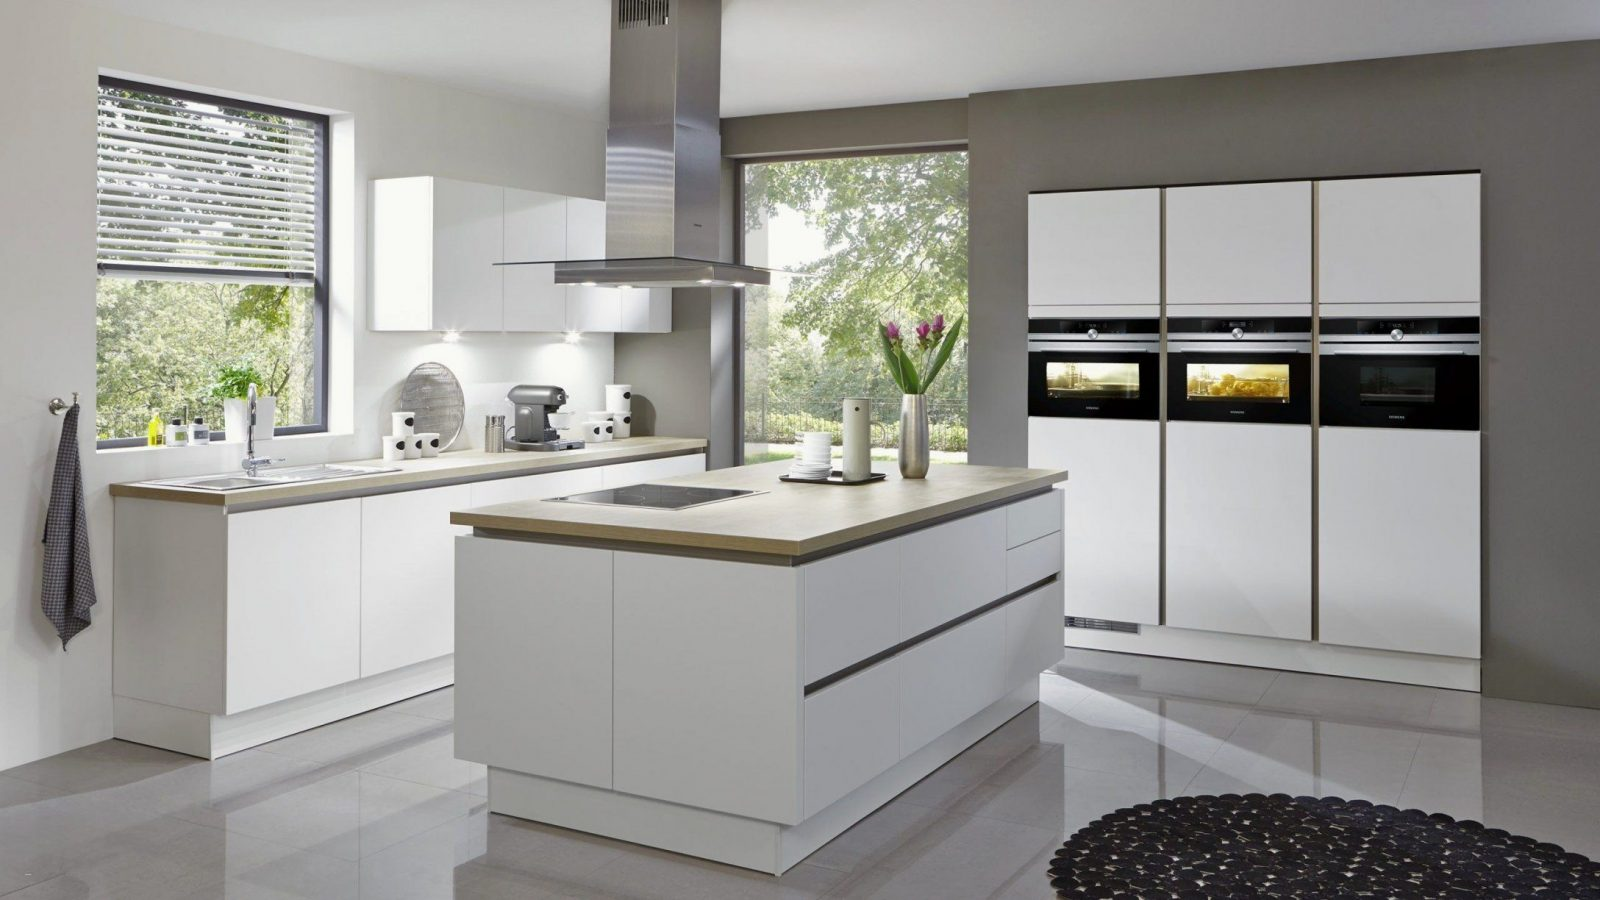 Kleine Küche Gestalten Ideen Erstaunlich Ungewöhnlich Kleine Fene von Kleine Küche Gestalten Ideen Photo